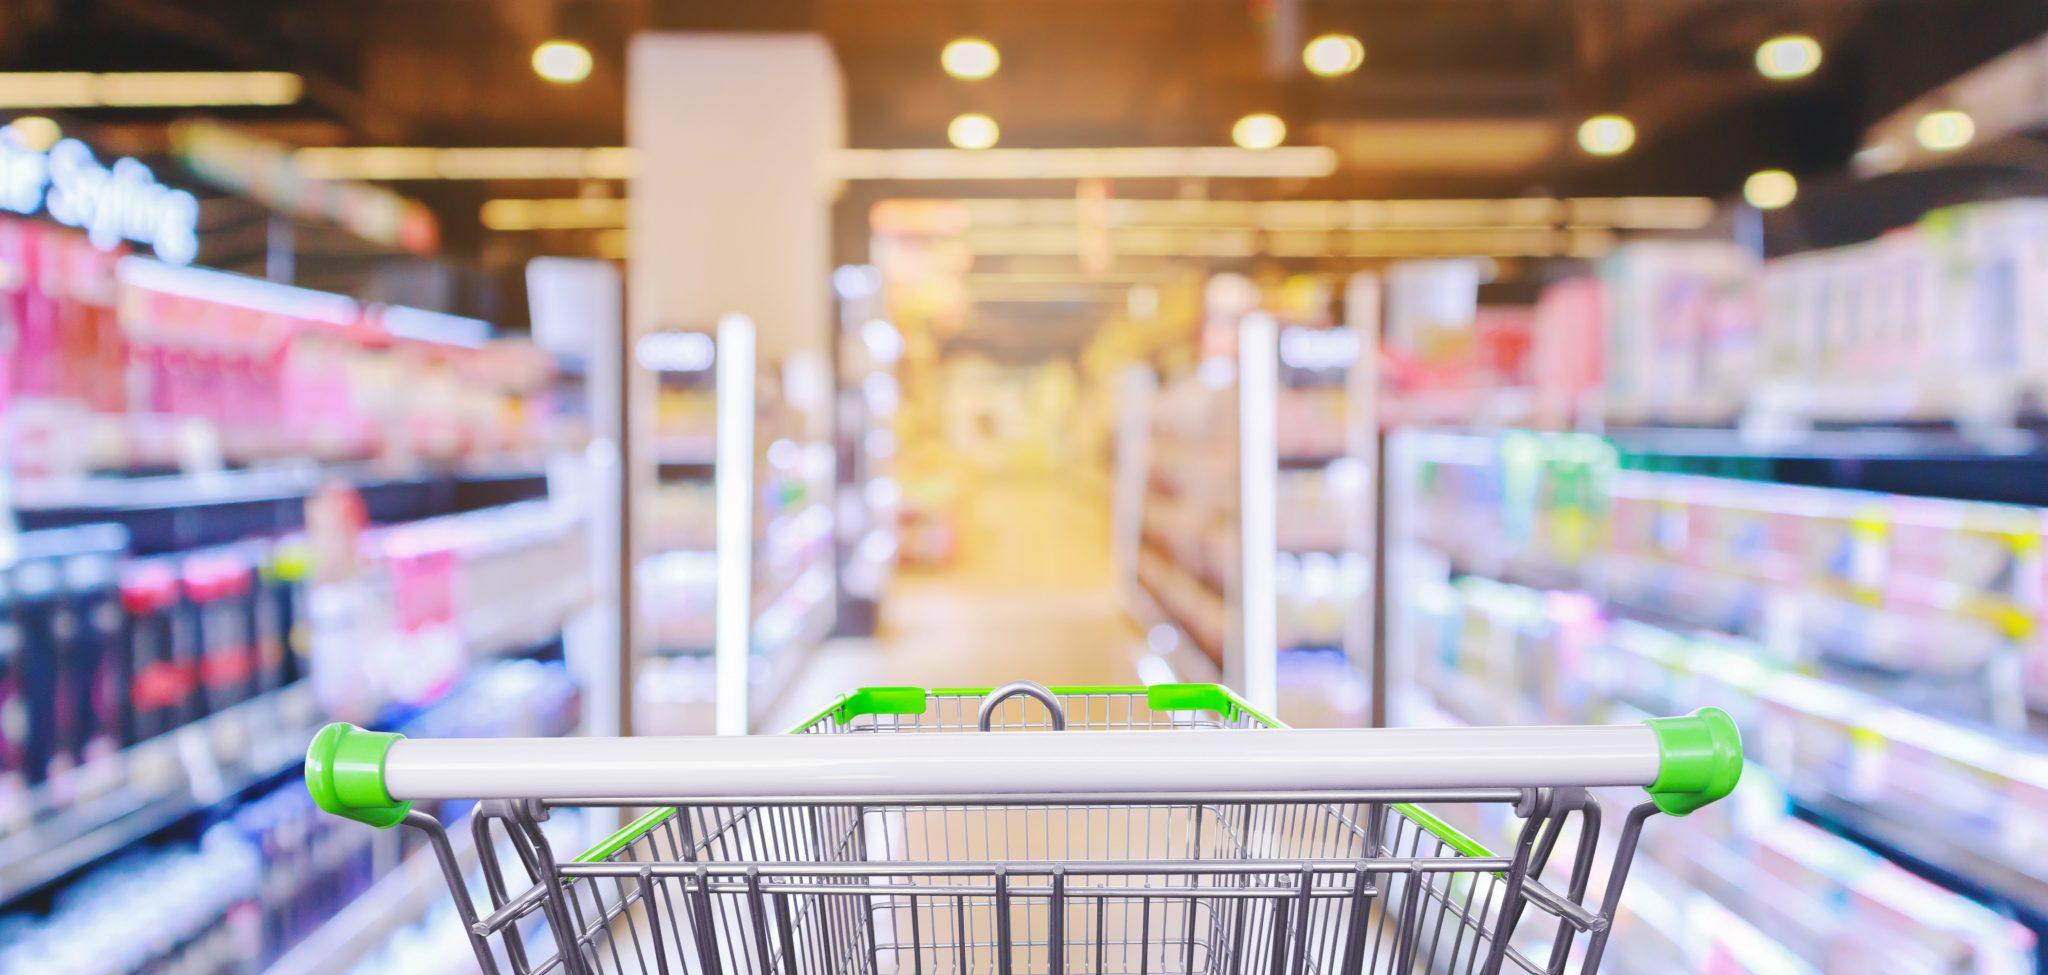 MIP em supermercado: associações se posicionam sobre o tema